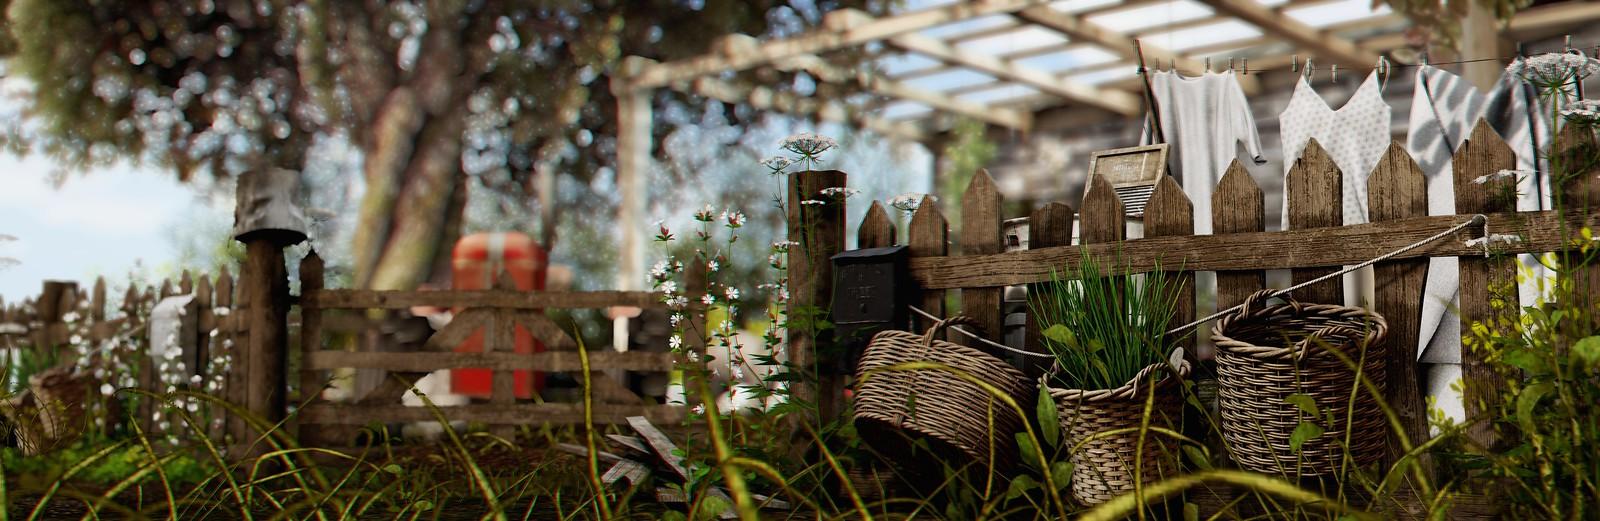 POST🔥 #1869 | Nutmeg | Rustic Fence